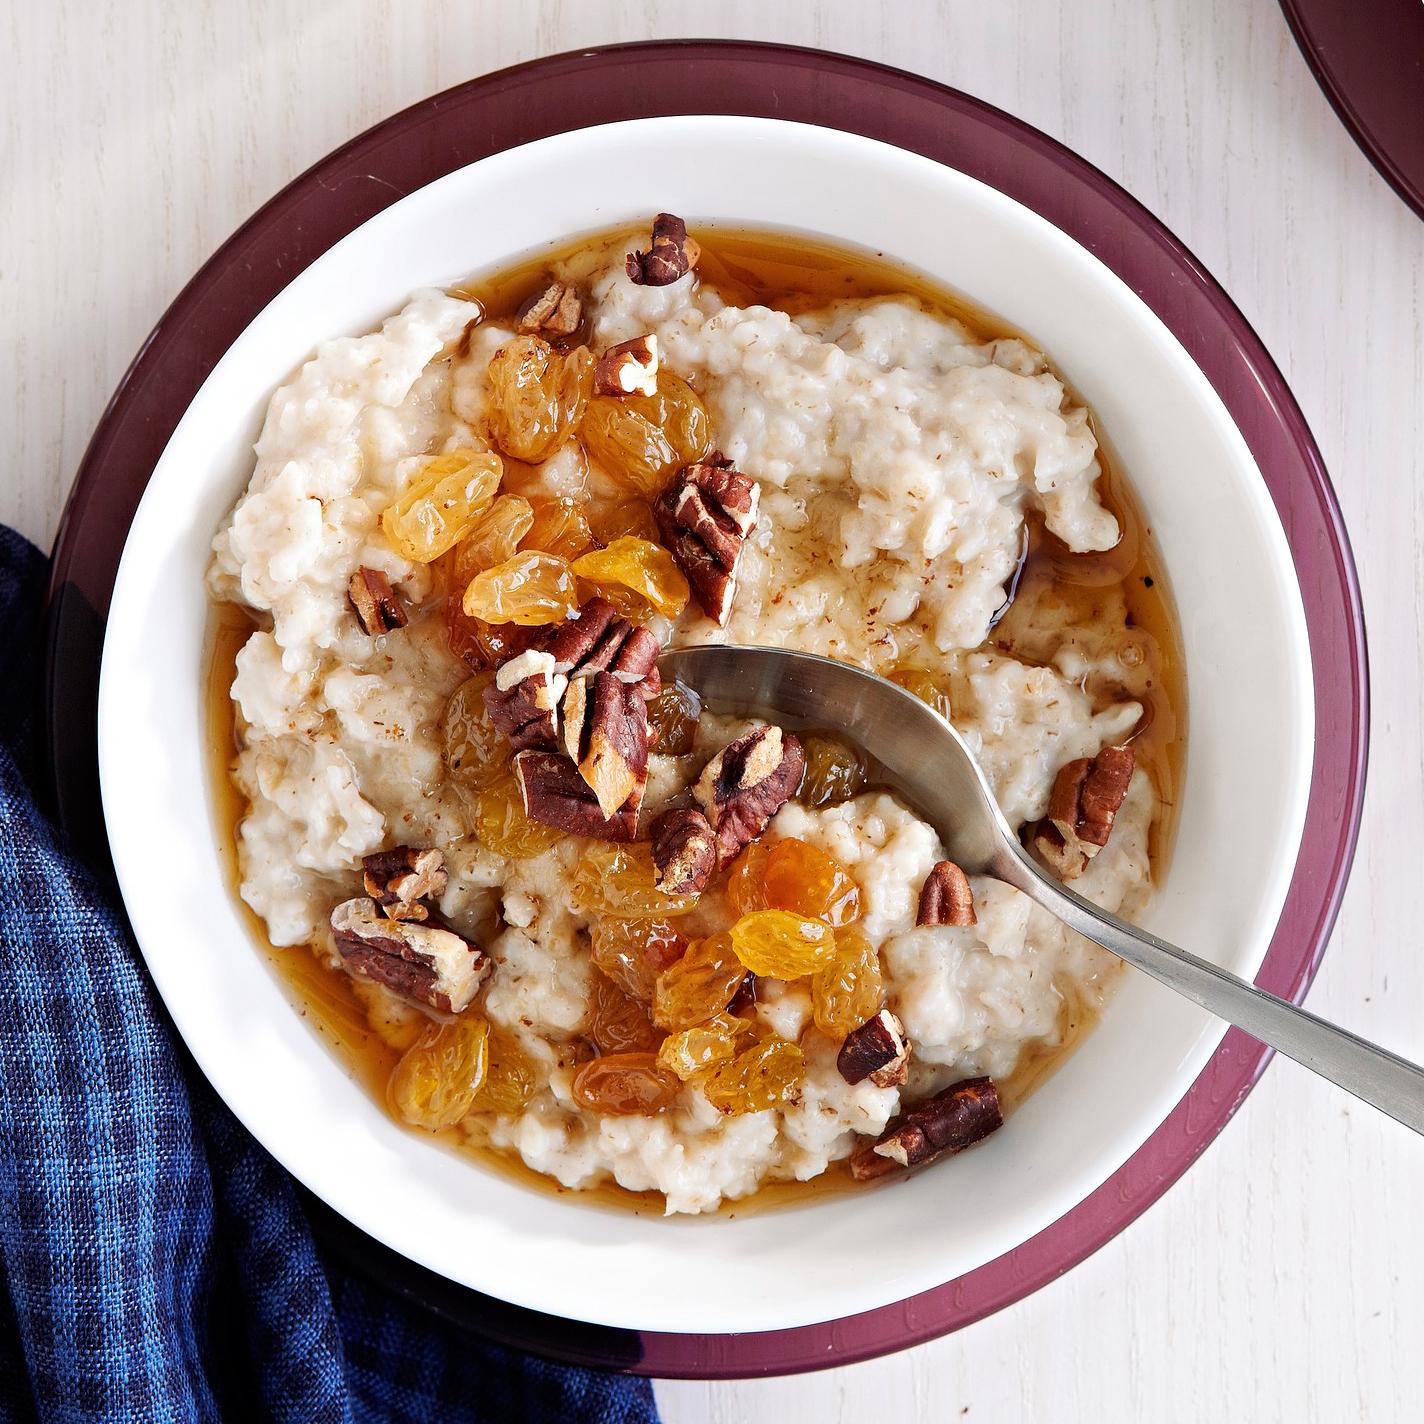 Maple-Raisin Oatmeal